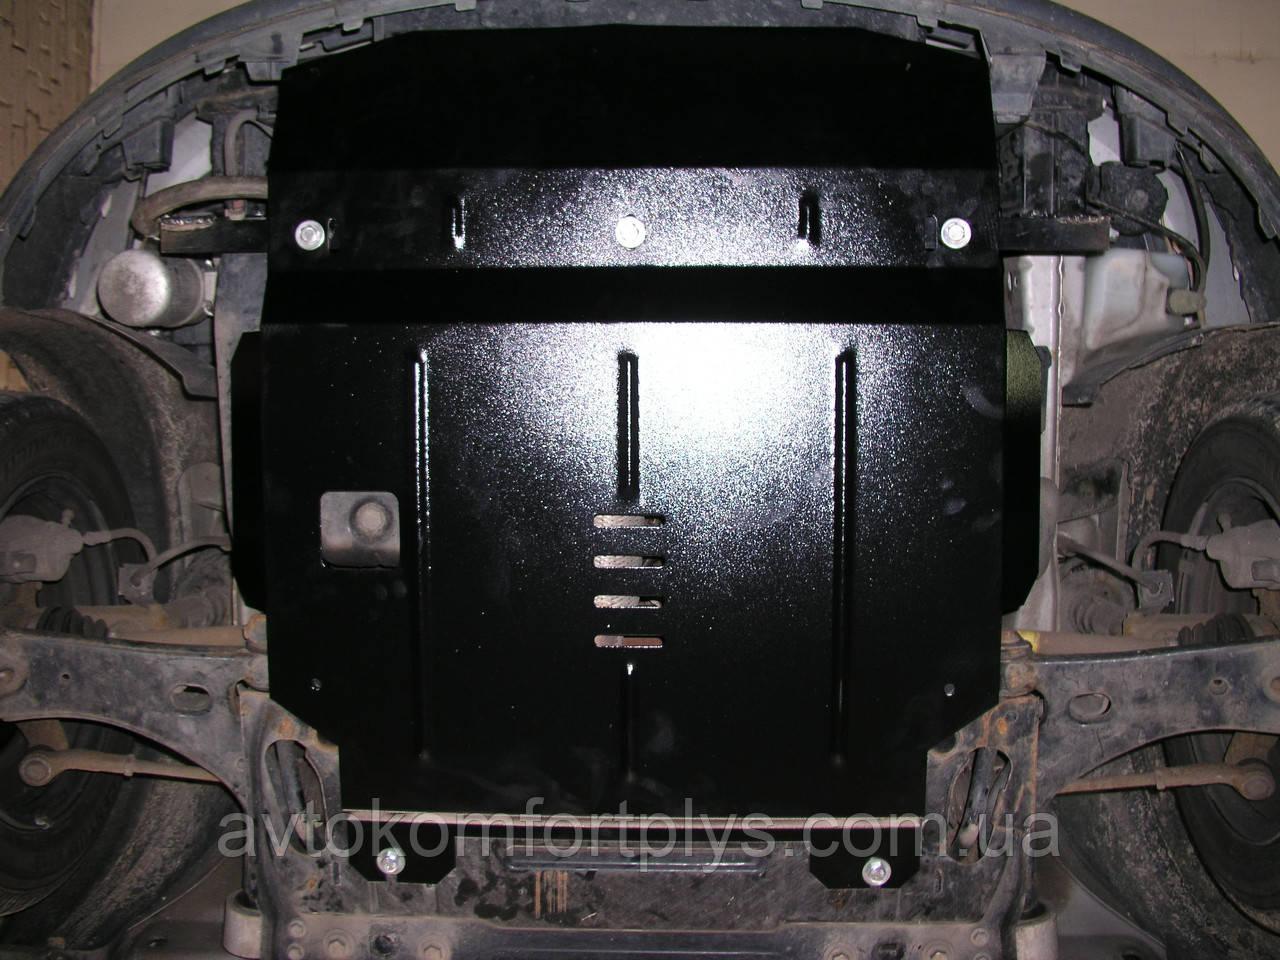 Металлическая (стальная) защита двигателя (картера) Ford Fiesta VI (2001-2008) (V-1,4 D)